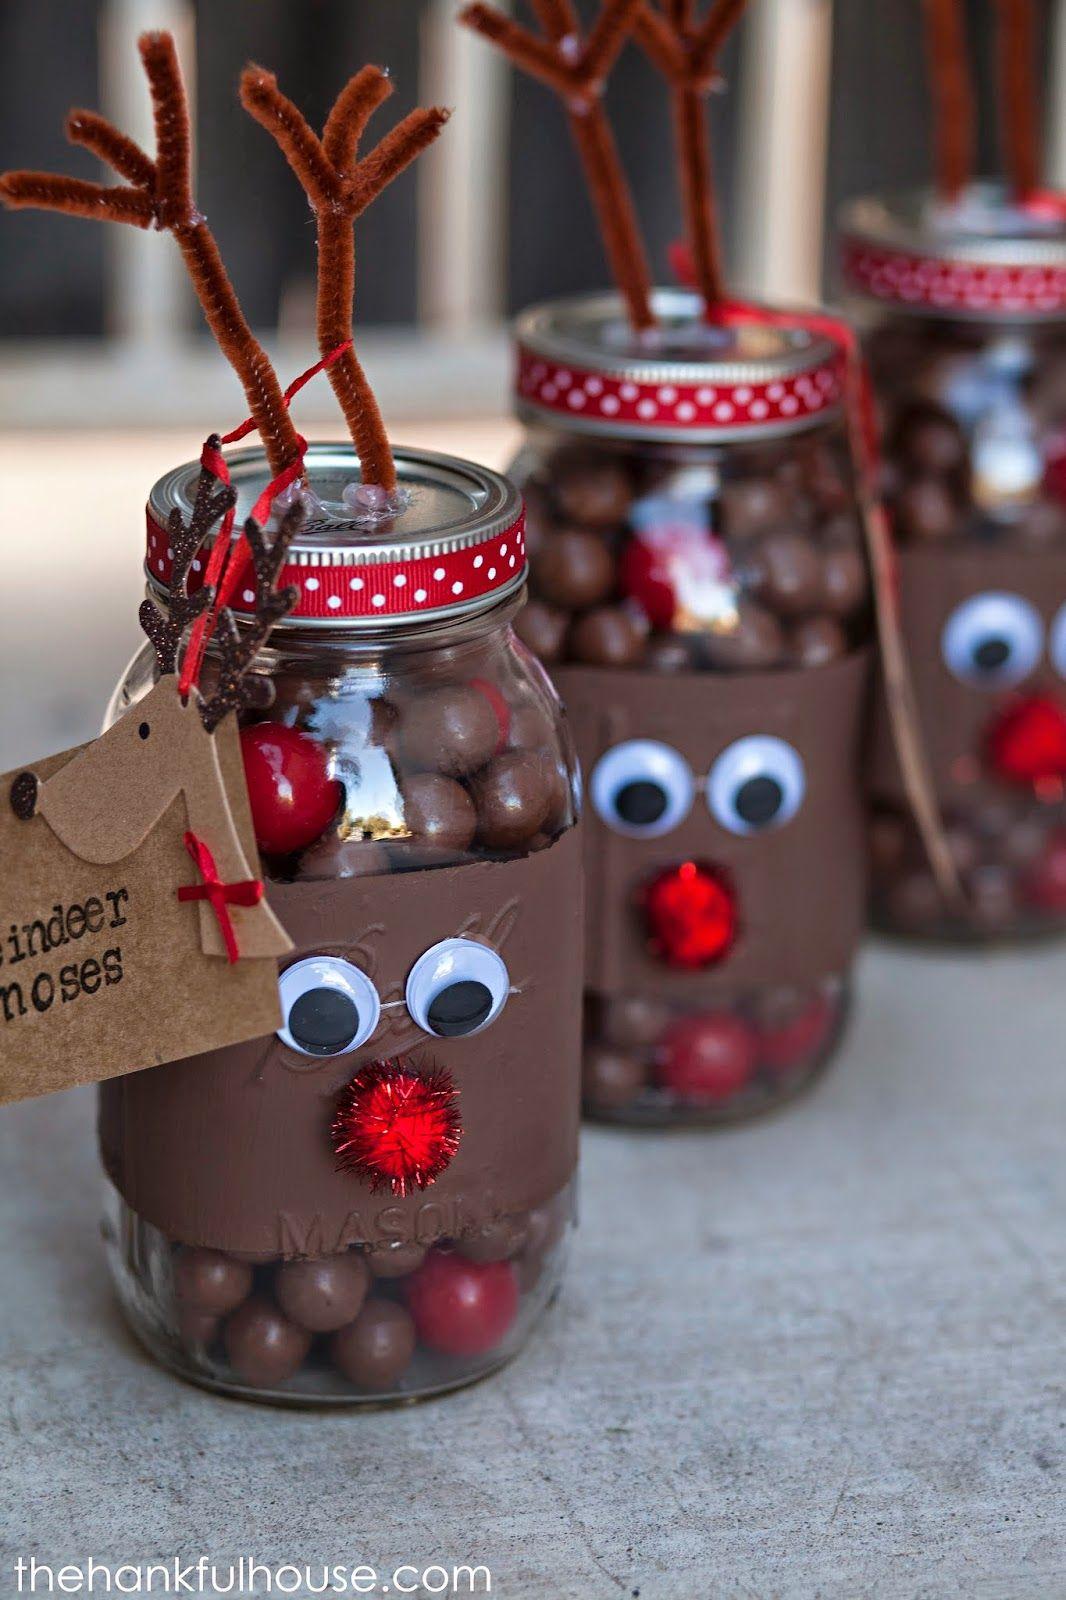 Reindeer Noses Mason Gift Jars The Hankful House Diy Christmas Gifts Christmas Jars Homemade Christmas